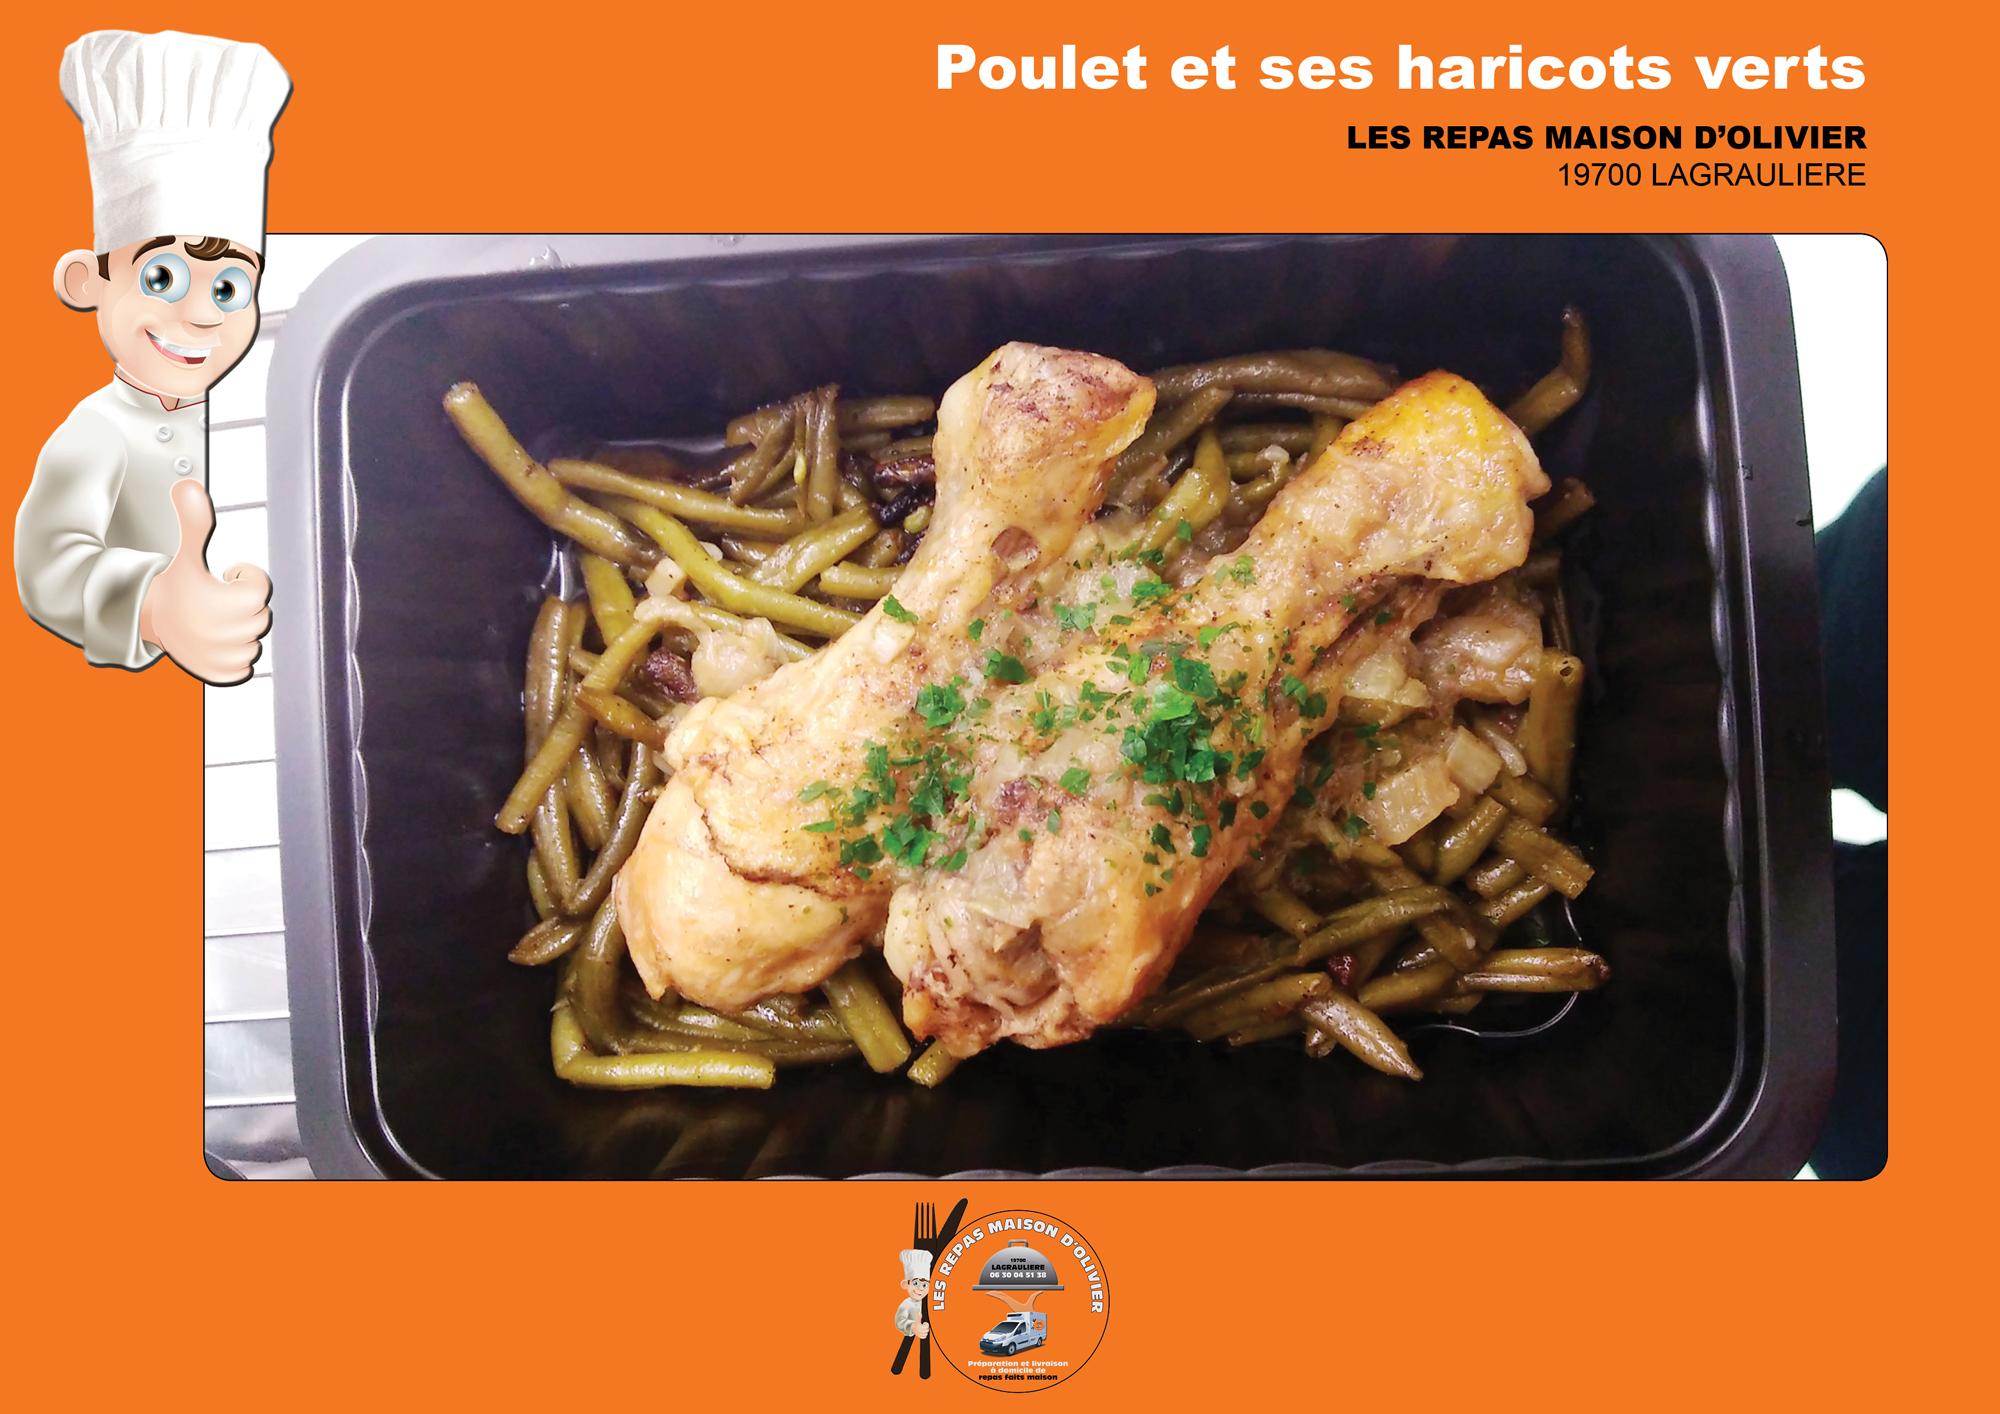 Poulet-et-ses-haricots-verts